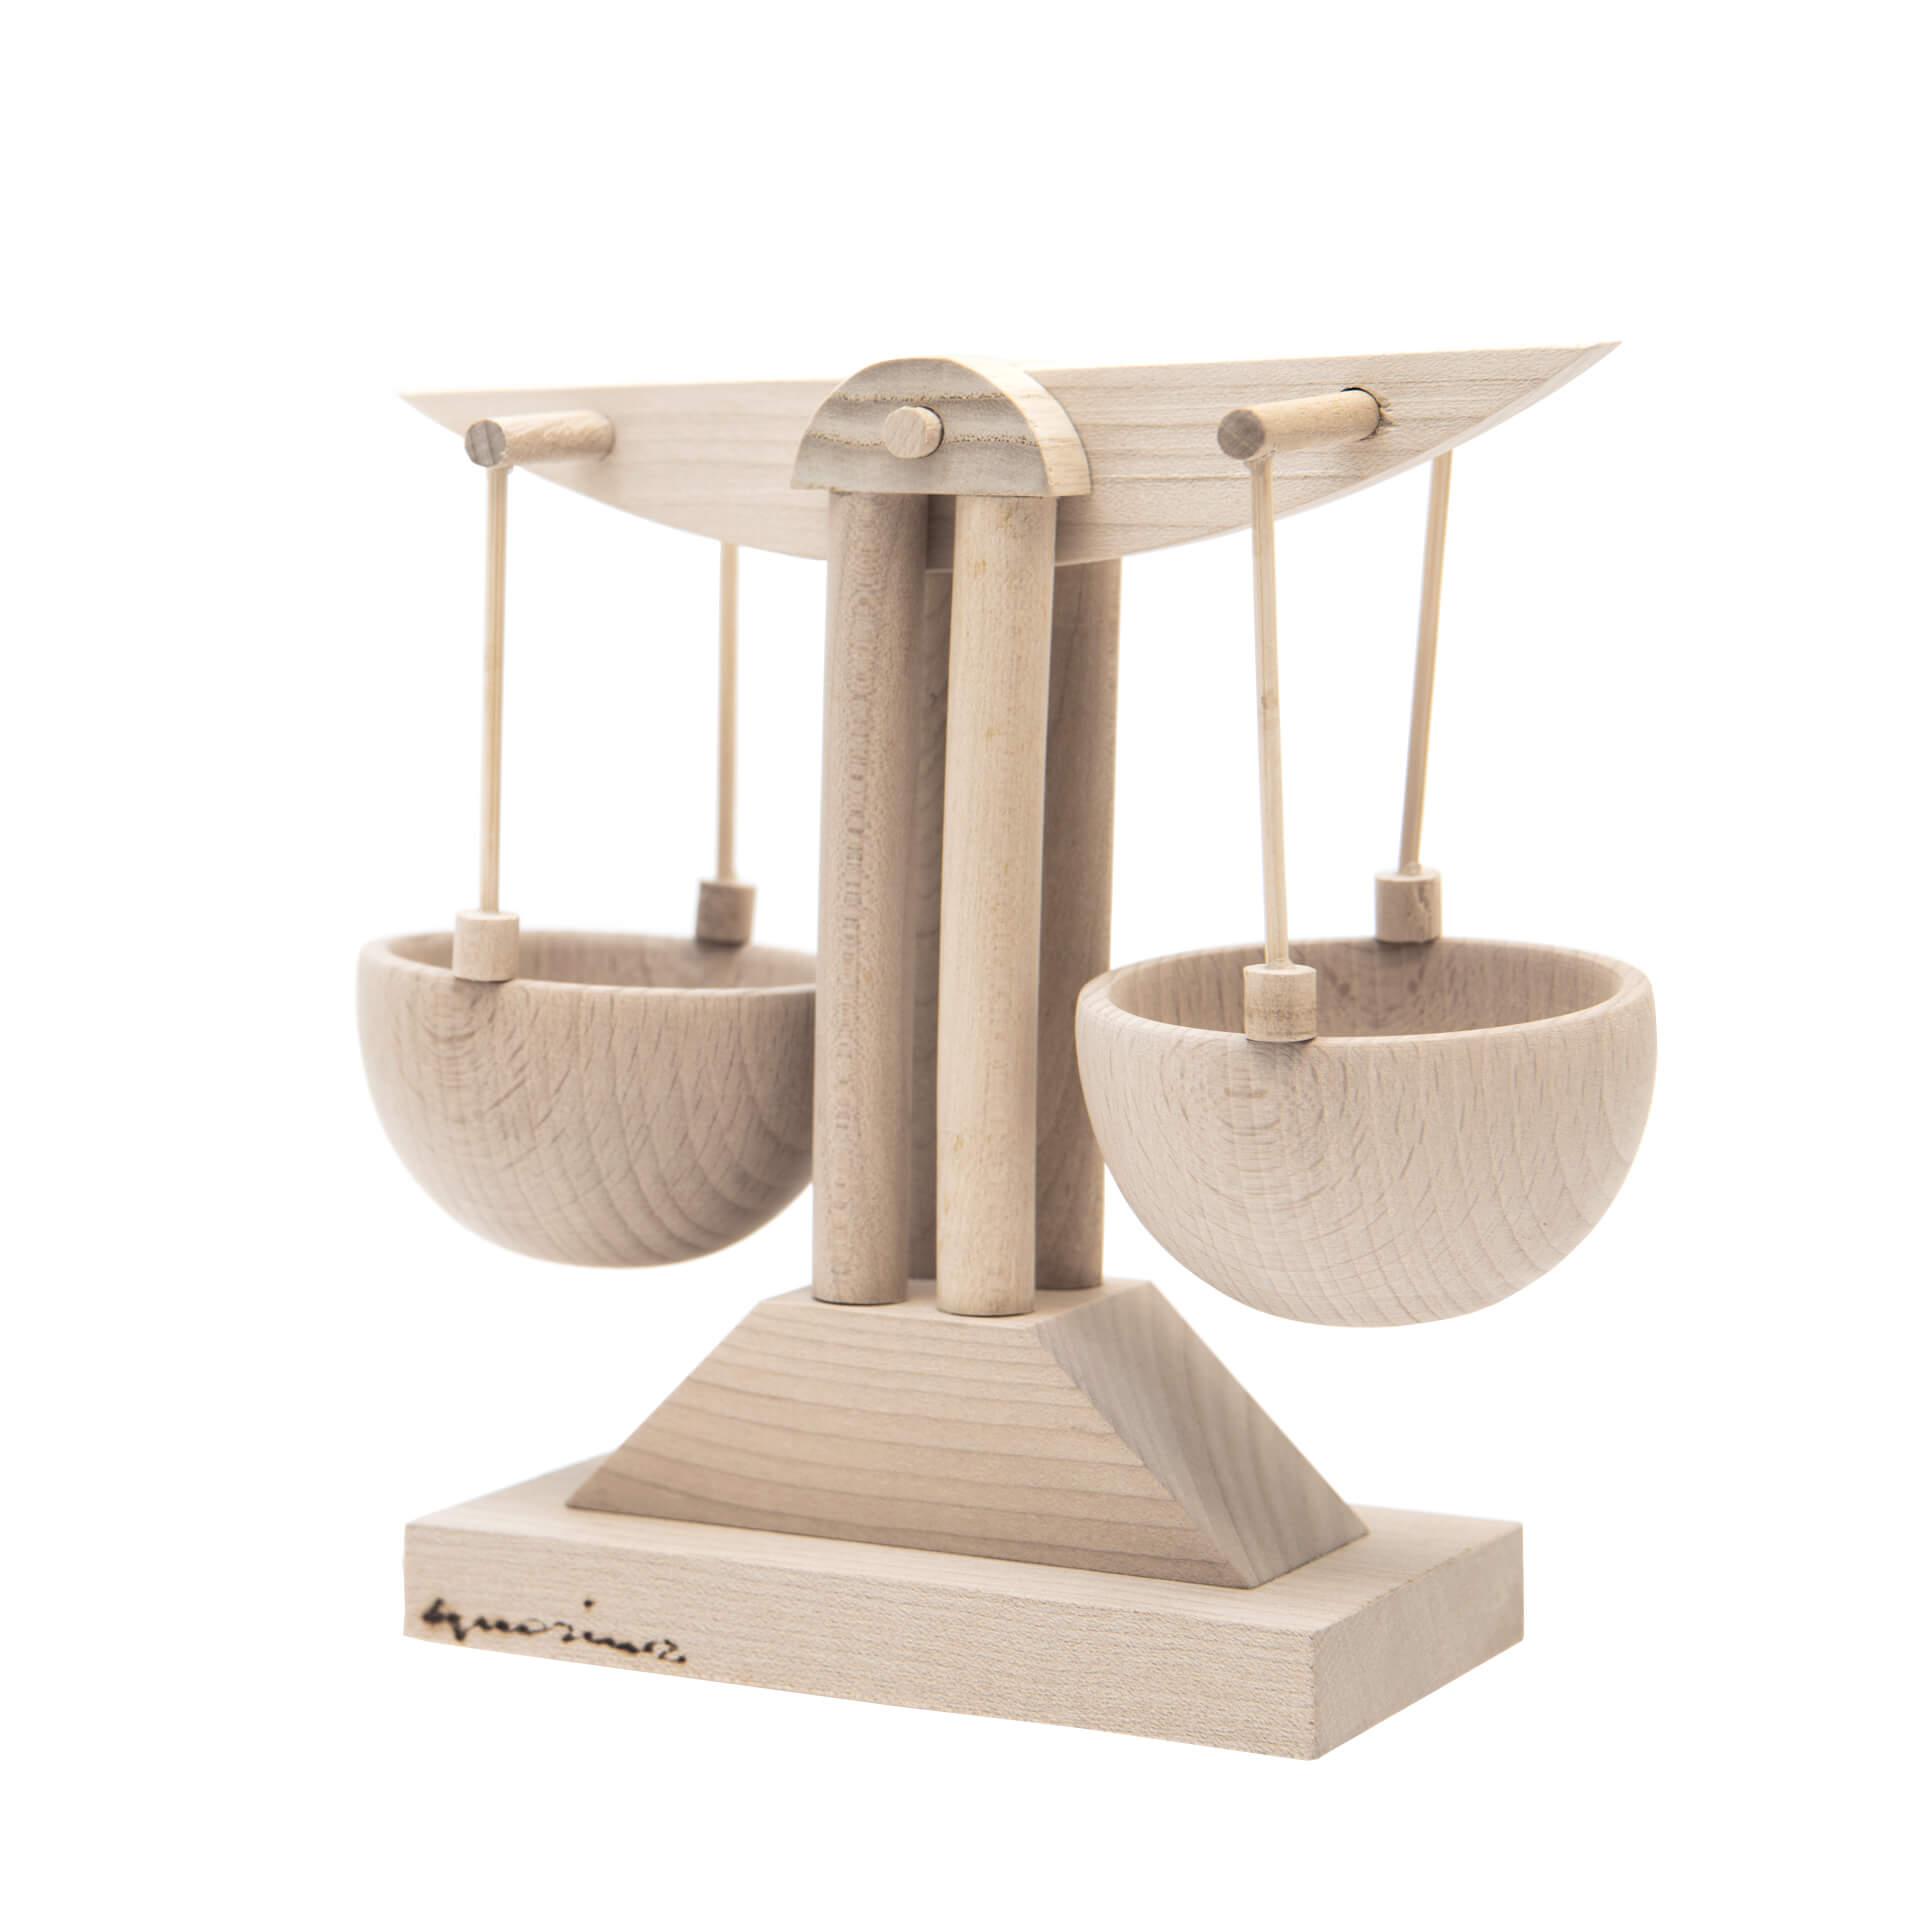 Scultura in legno Bilancia - Dimensione media 17x 7 x 17 cm (b x p x h)